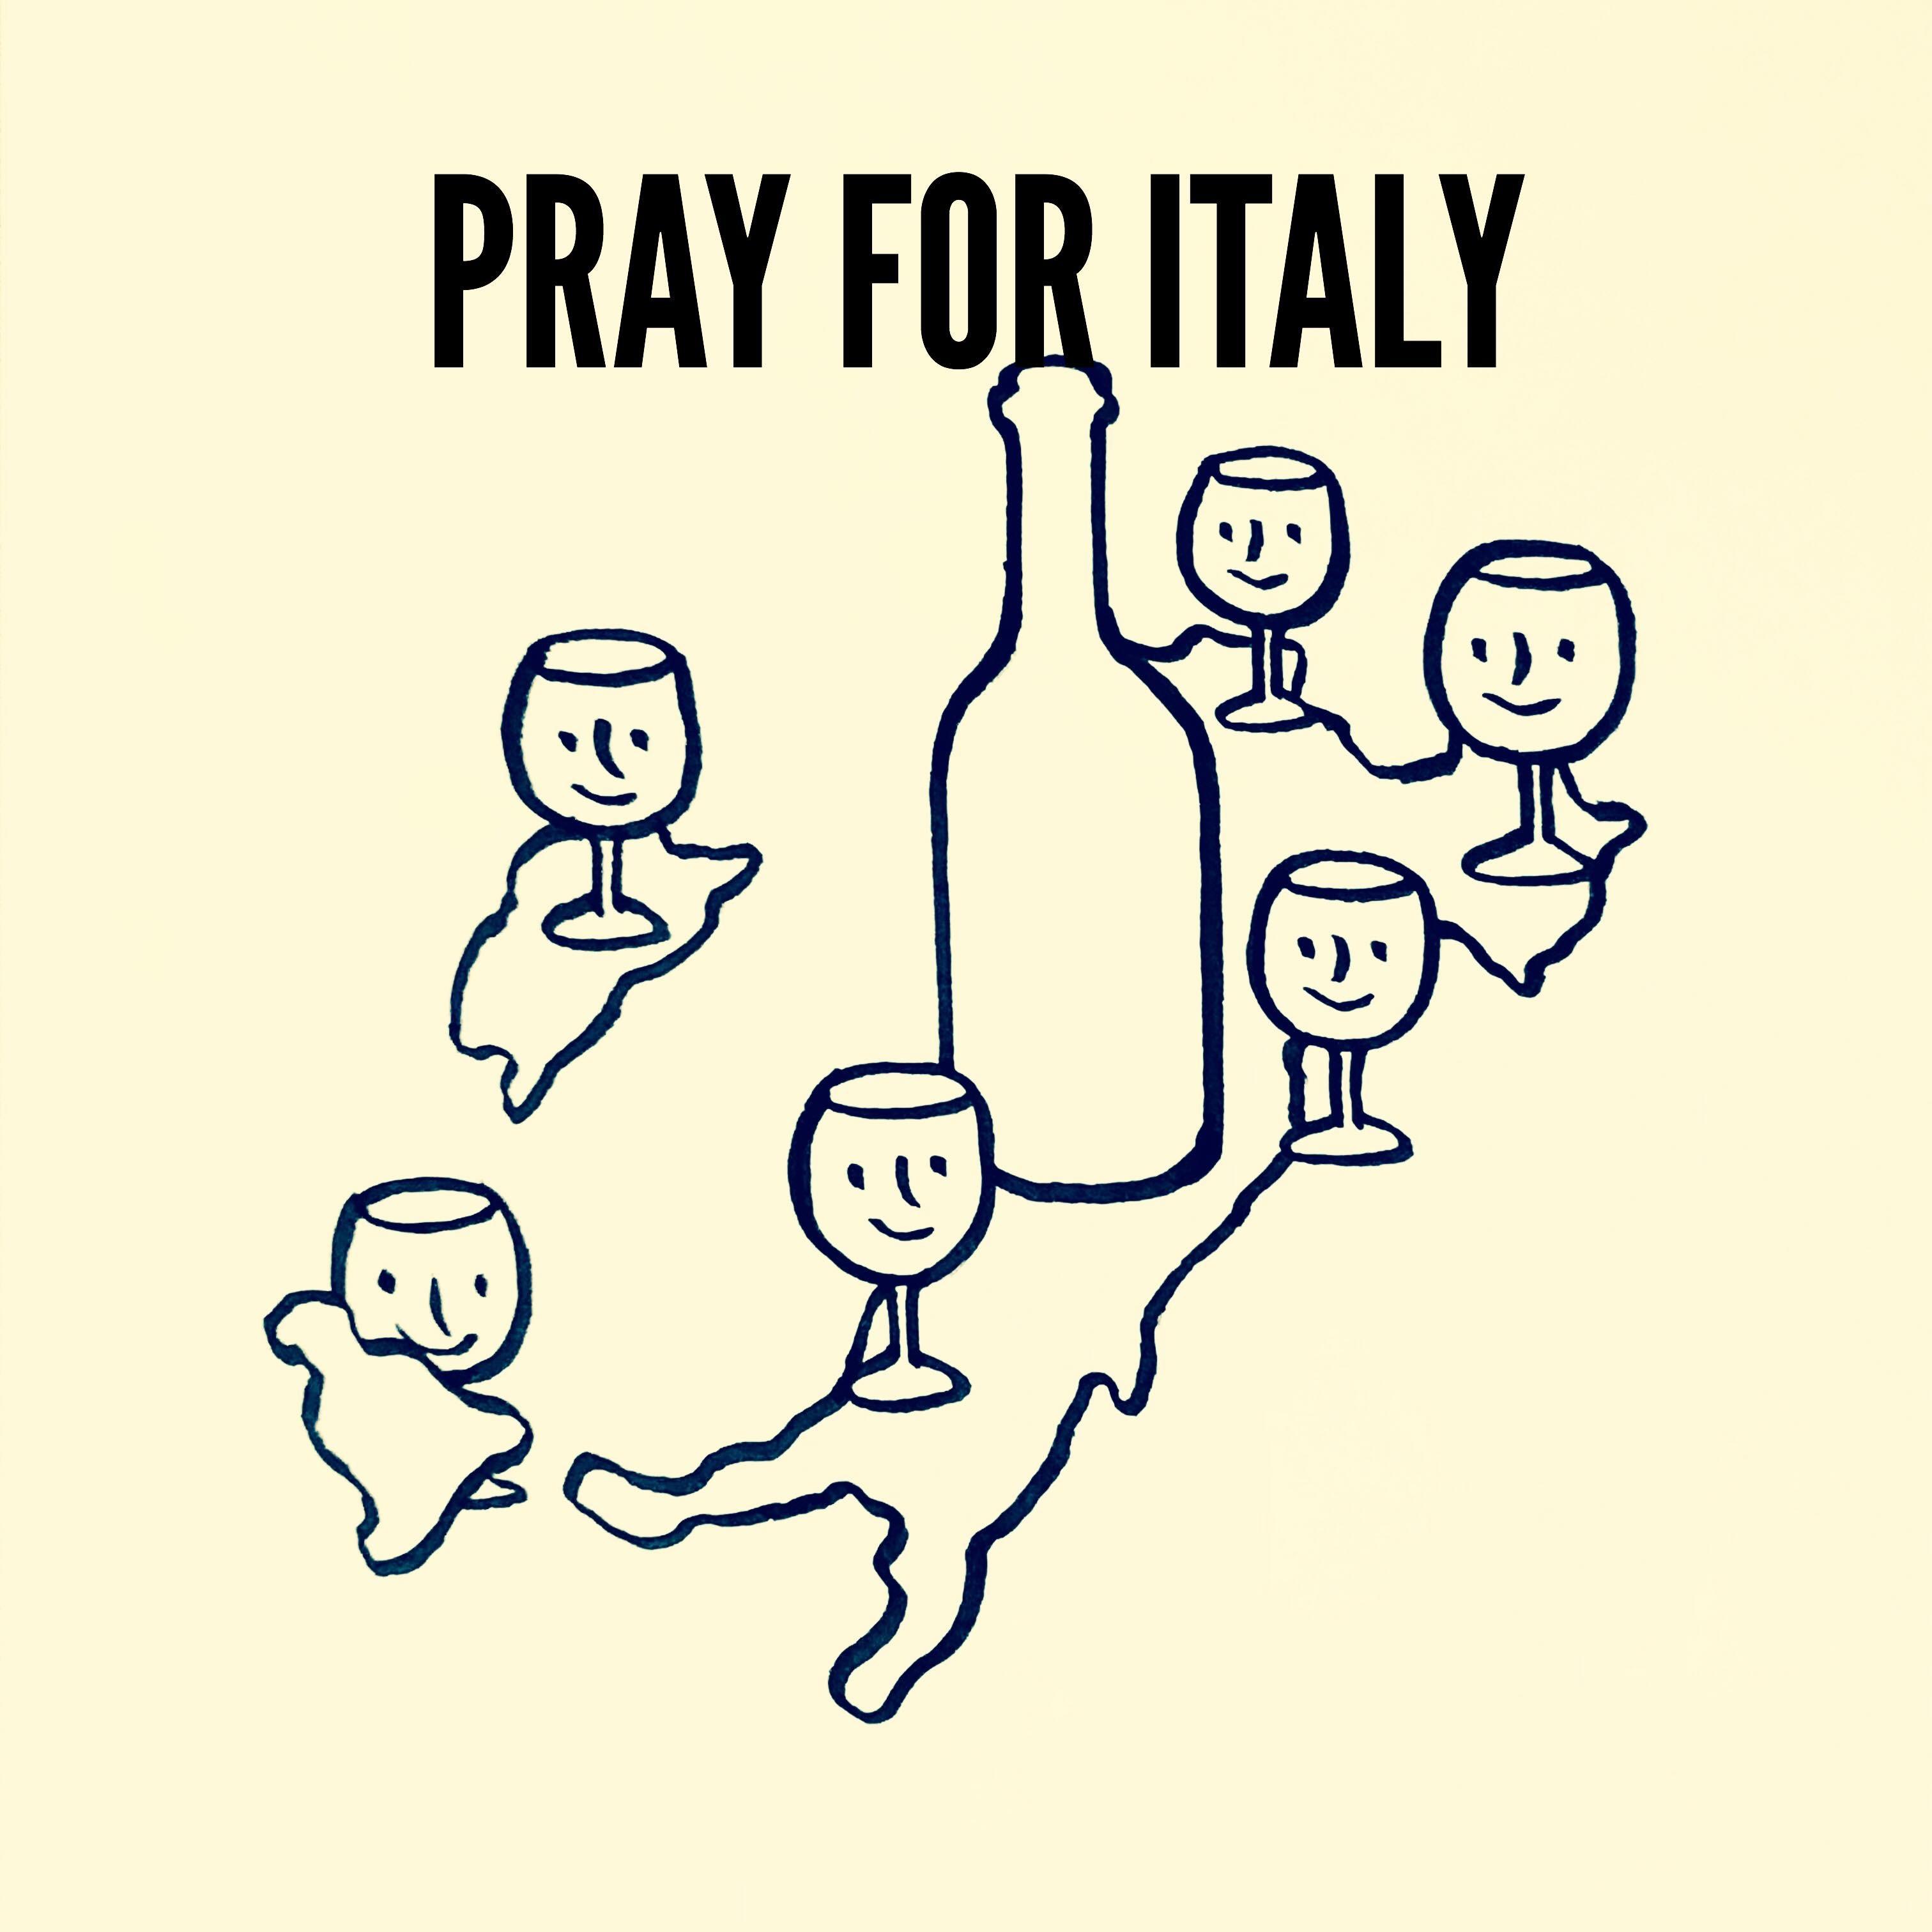 イタリアを消費しよう!活動_c0130206_14571568.jpeg